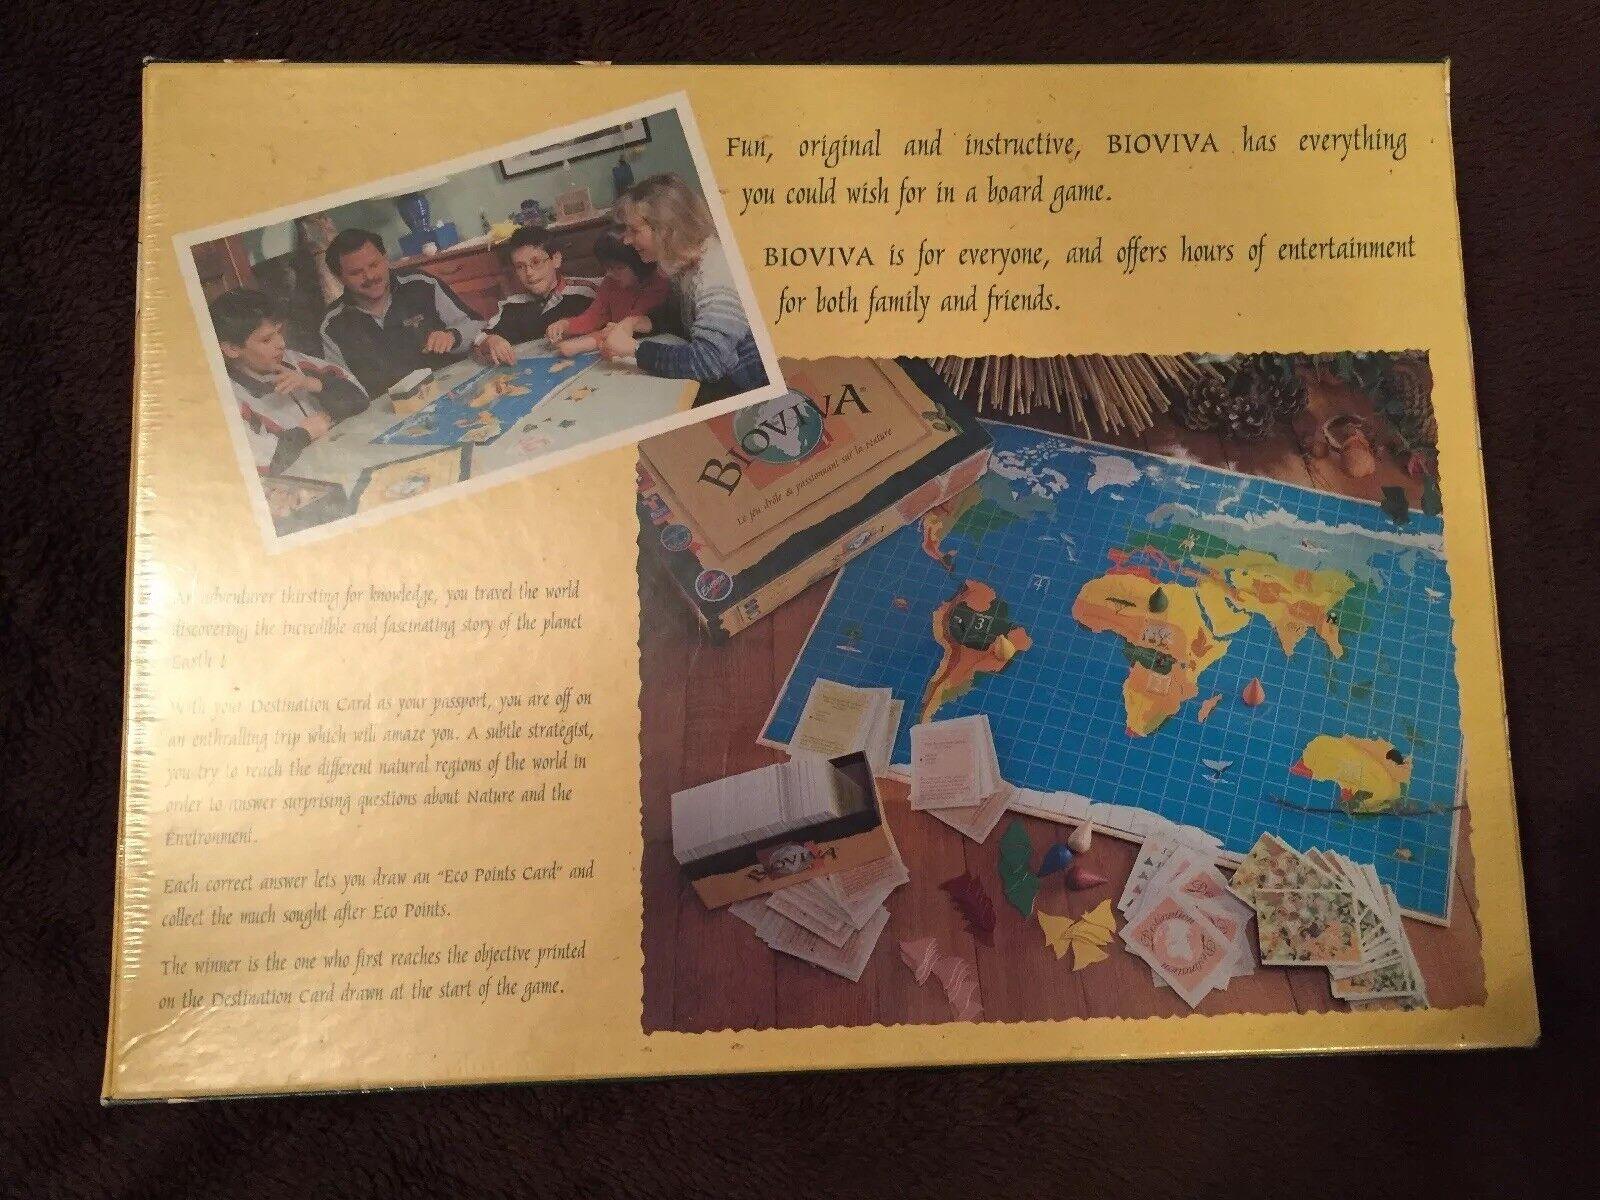 La naturaleza global Bioviva Original Divertido Juego Juego Juego De Mesa Educativo Niños De Descubrimiento Nuevo 90436c